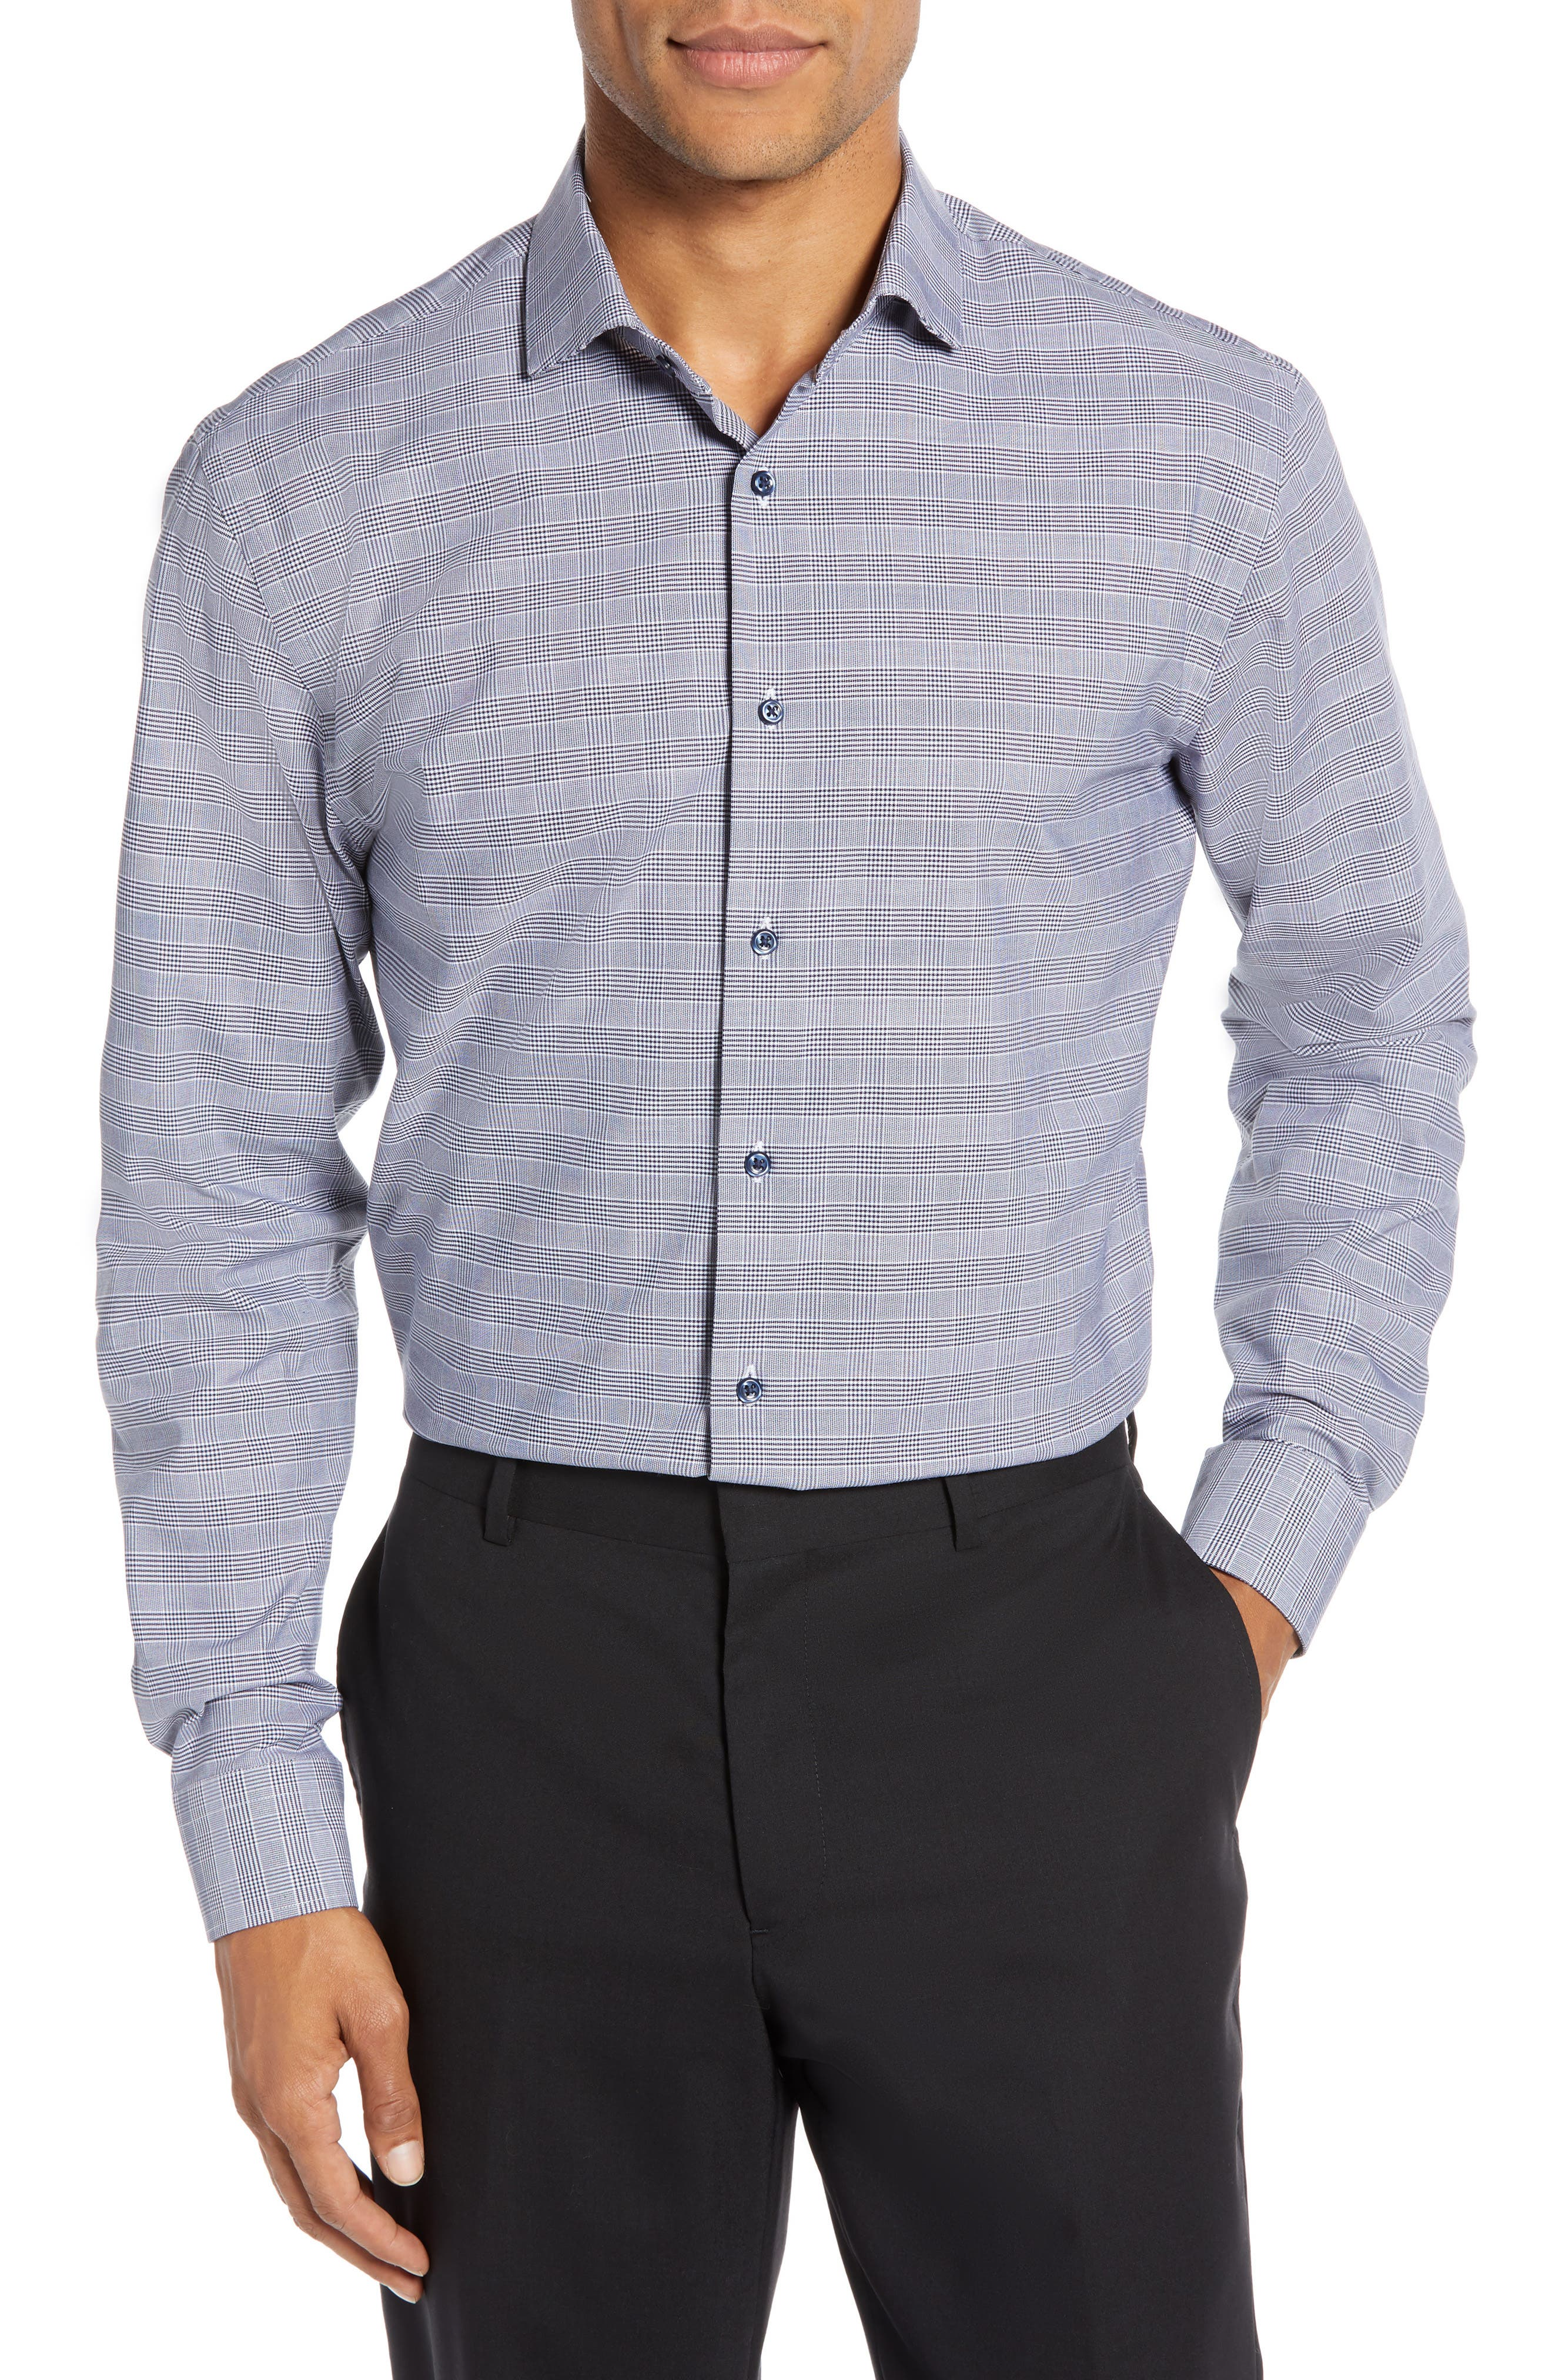 Tech-Smart Trim Fit Stretch Plaid Dress Shirt,                             Main thumbnail 1, color,                             NAVY PEACOAT